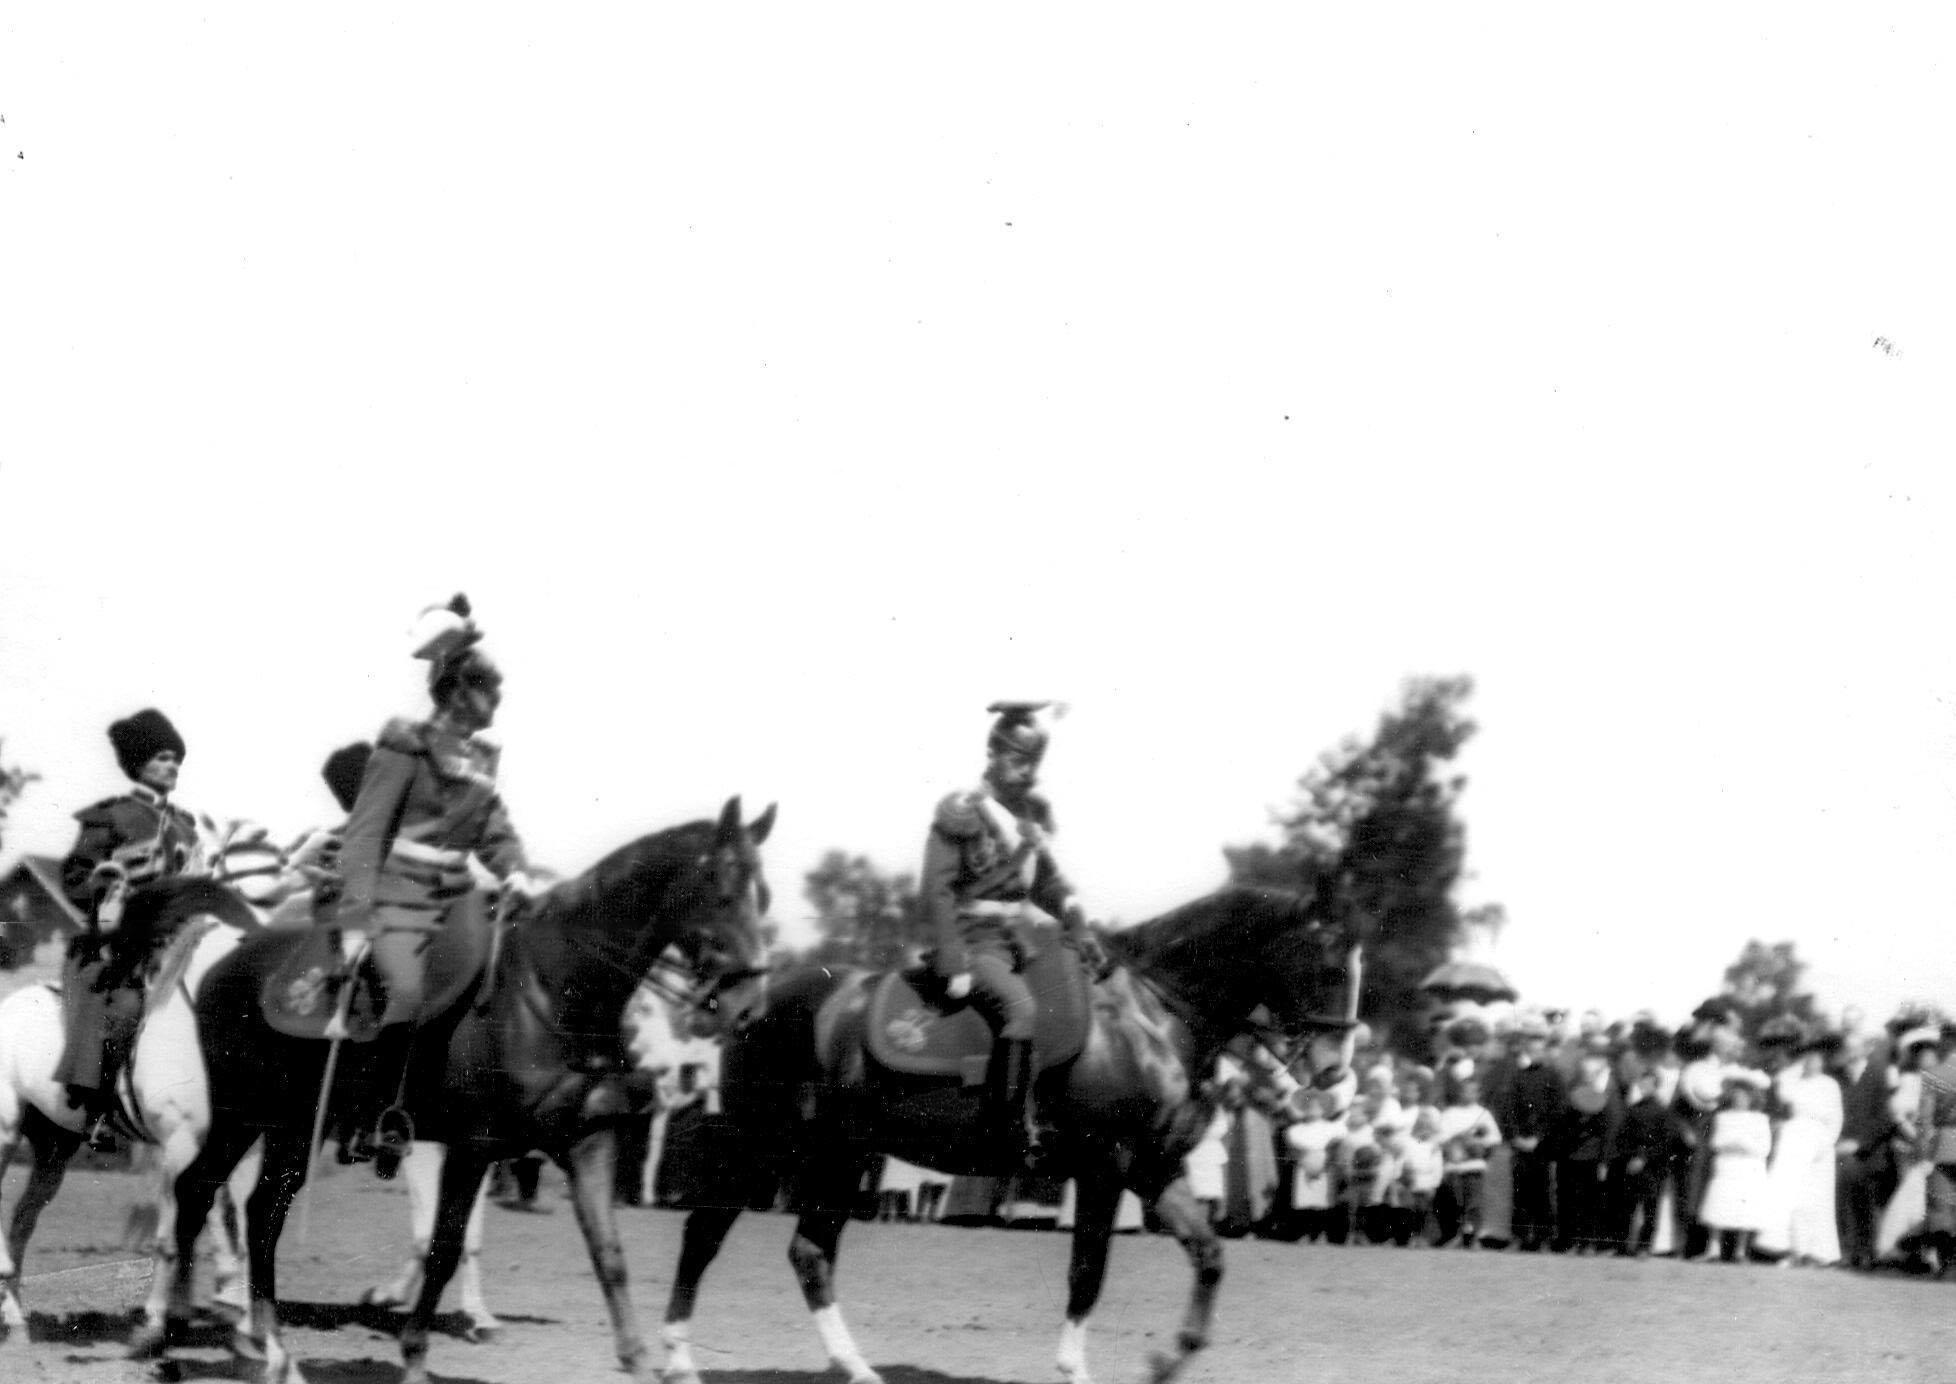 Император Николай II подъезжает к месту парада в сопровождении командира полка генерал-майора князя С.К.Белосельского- Белозерского